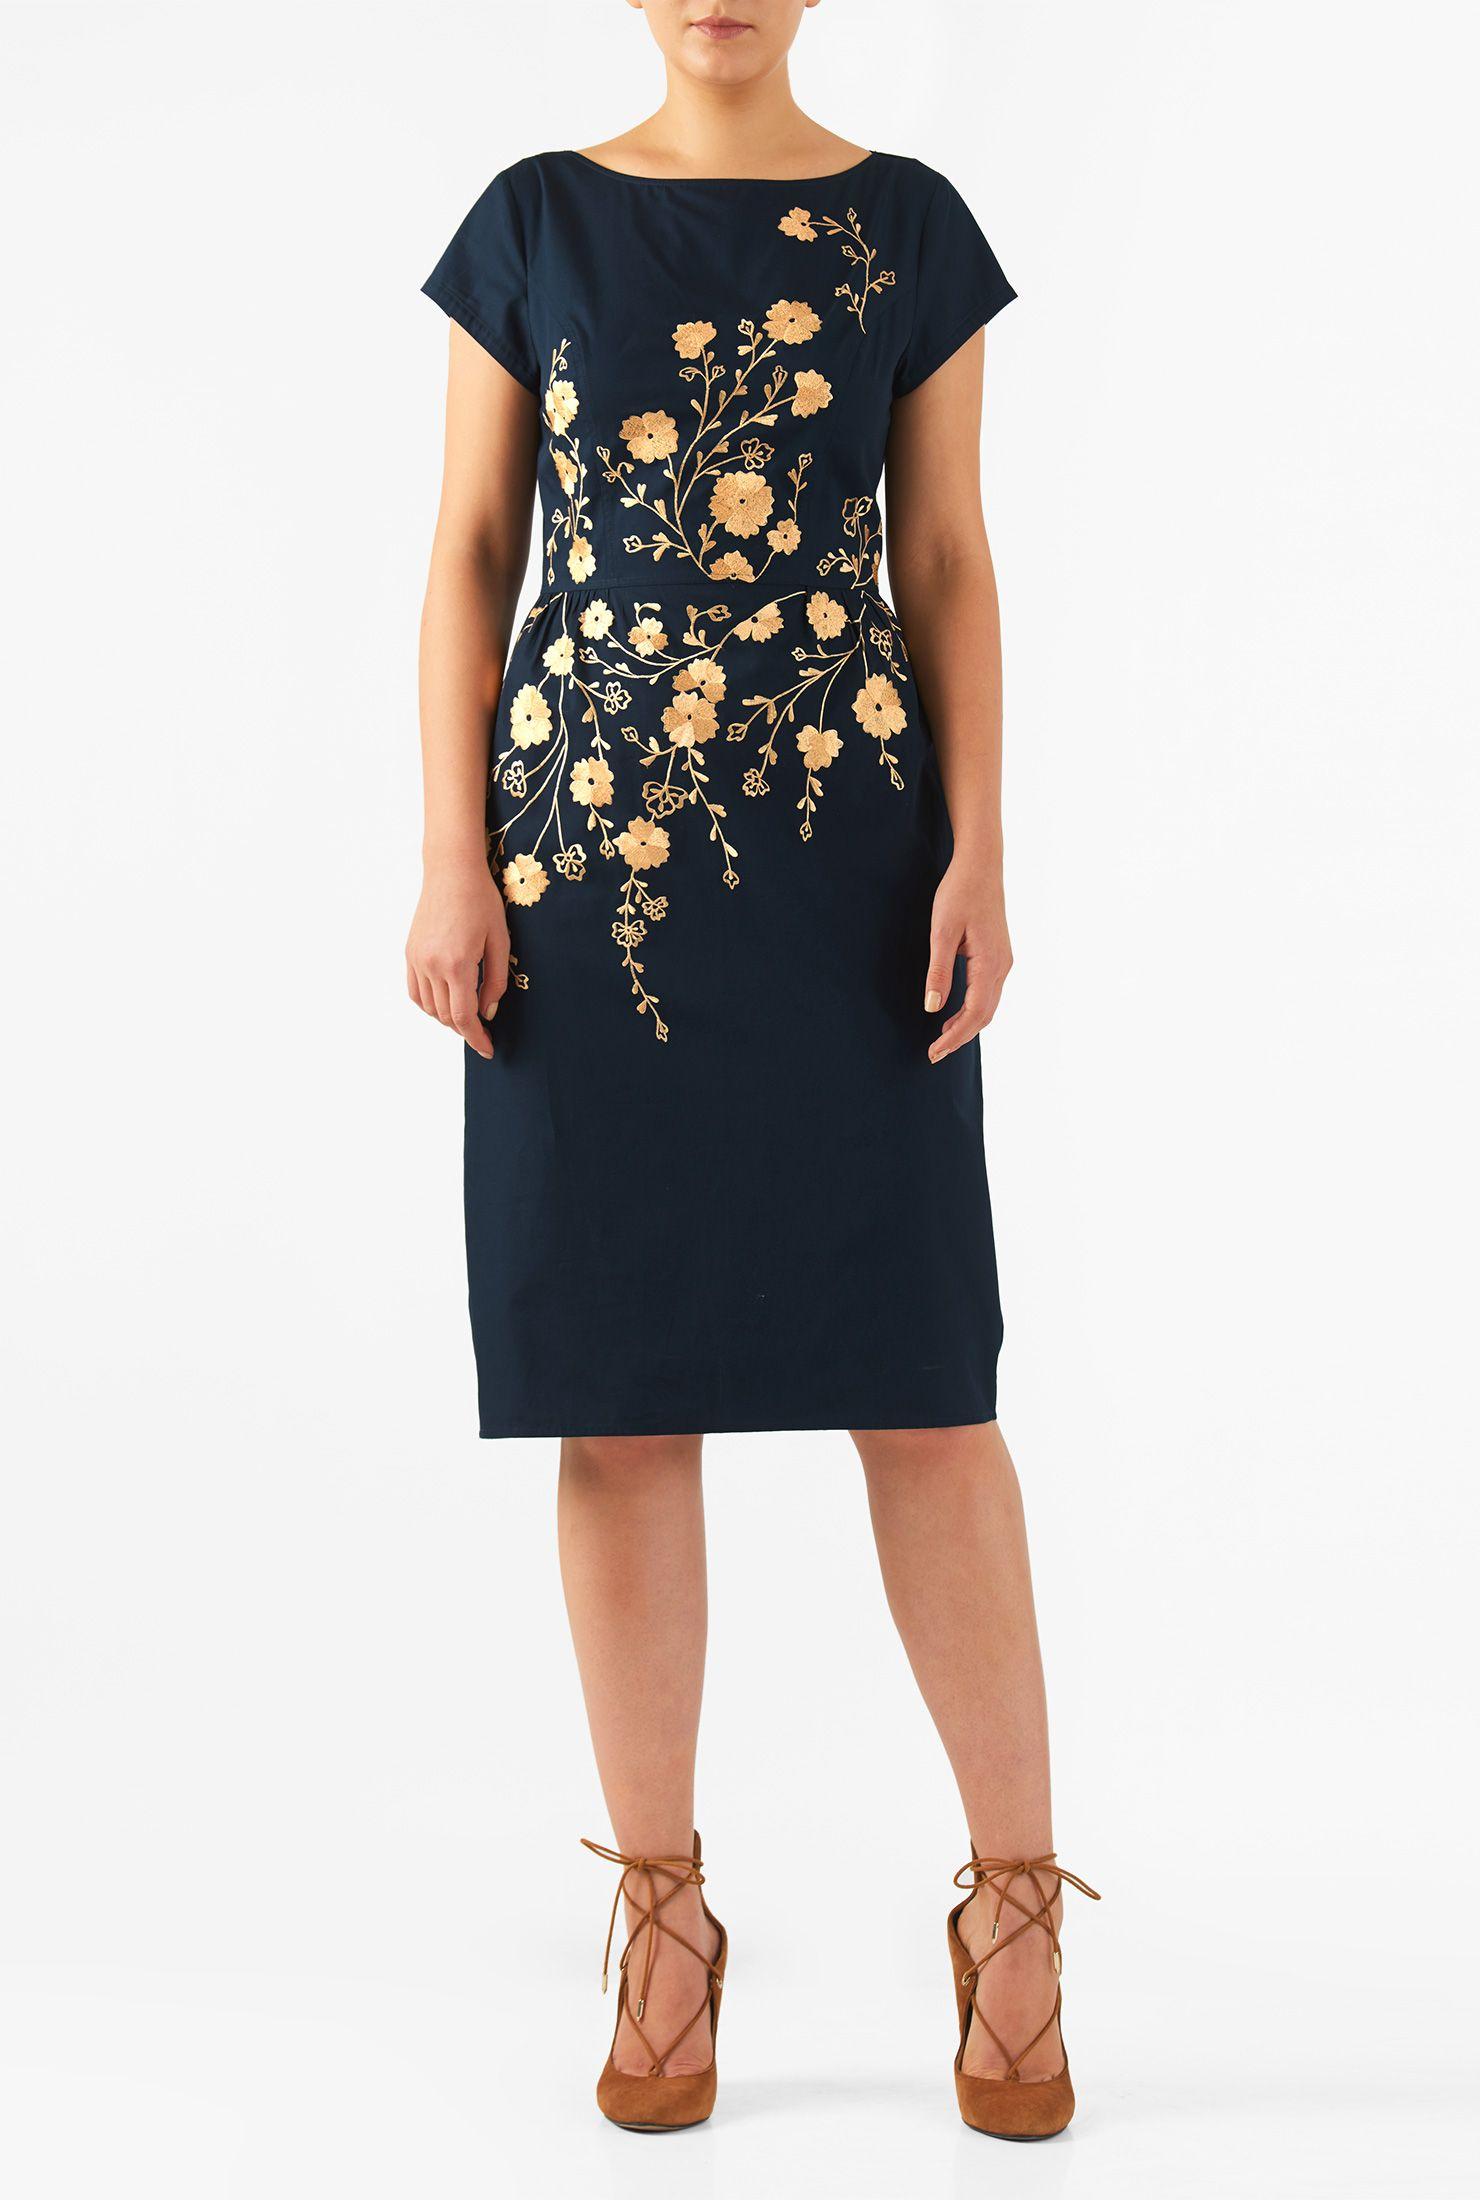 Floral embellished poplin sheath dress floral cotton and wardrobes